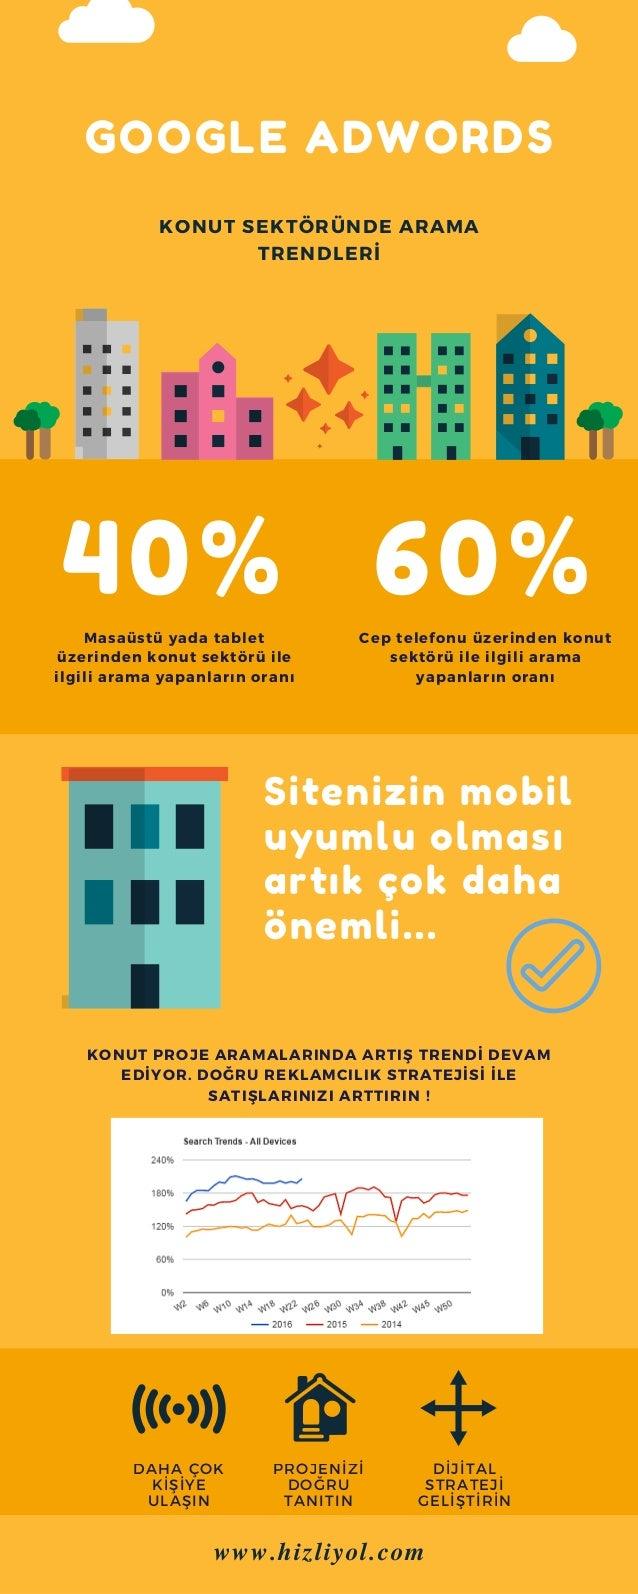 GOOGLE ADWORDS Sitenizin mobil uyumlu olması artık çok daha önemli... 40% 60% KONUT SEKTÖRÜNDE ARAMA TRENDLERİ Masaüstü ya...